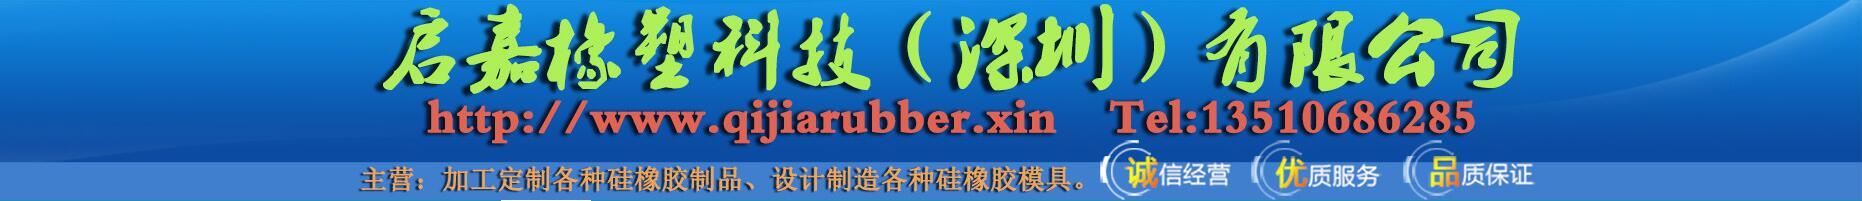 啓嘉橡塑科技(深圳)有限公司